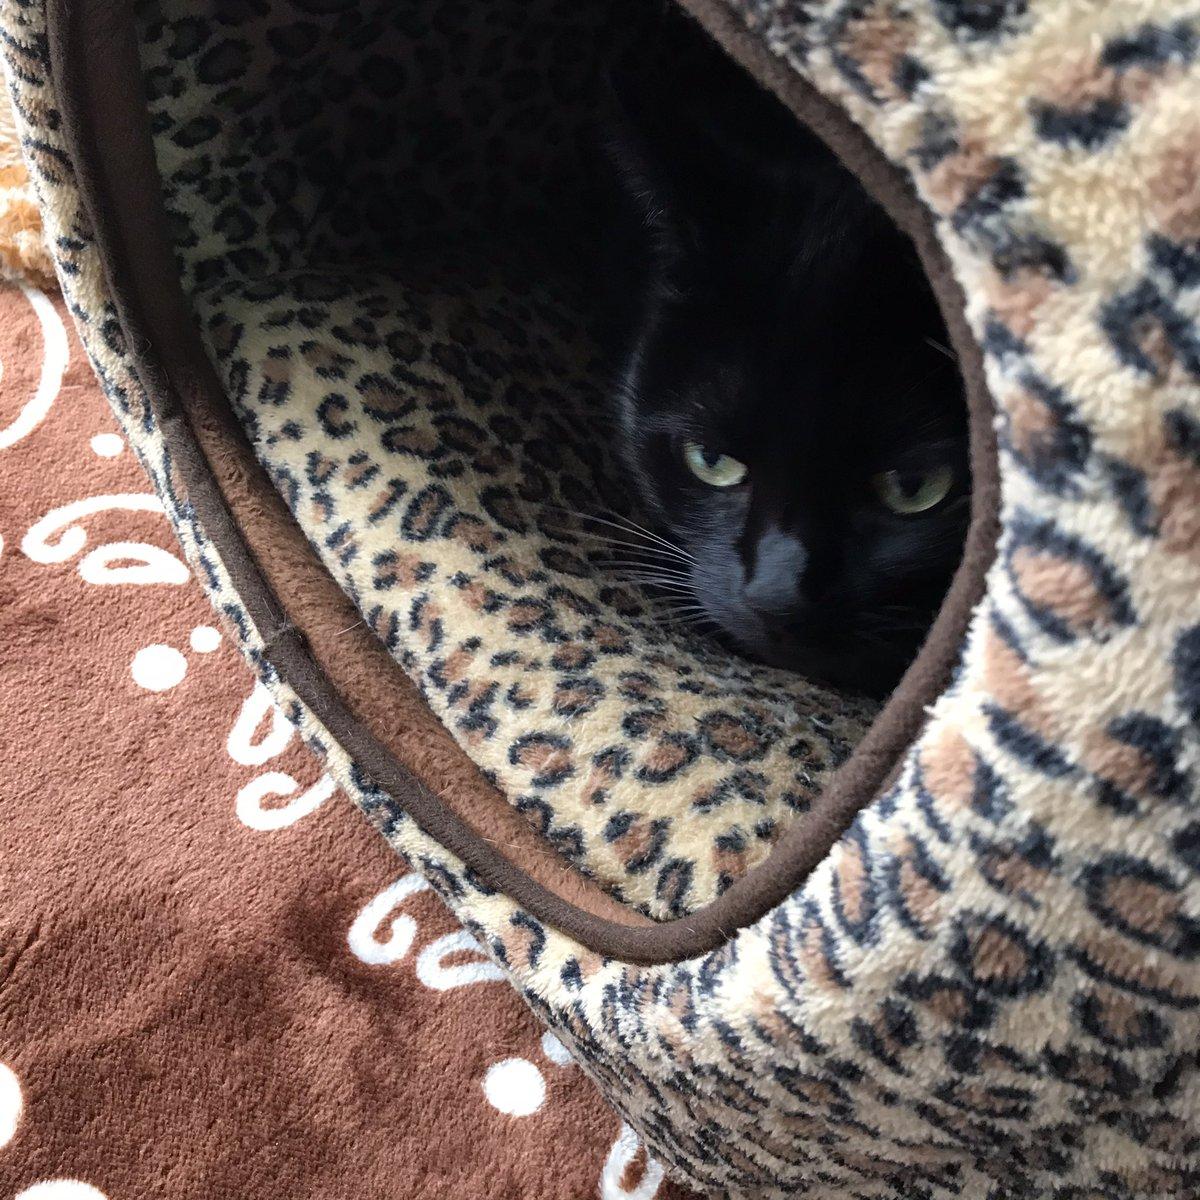 朝から寒いって言われヒーター出したり、布団干したり、買い物行ったりしてたら、もうお昼😂午後は掃除して、シーツ冬物に替えてと晴れると忙しい💦猫様にも〜ベッド取り合いになるので買ったわ😻ミアが入ってる所にモア参入〜(「◣д◢)「シャアーされるの😿